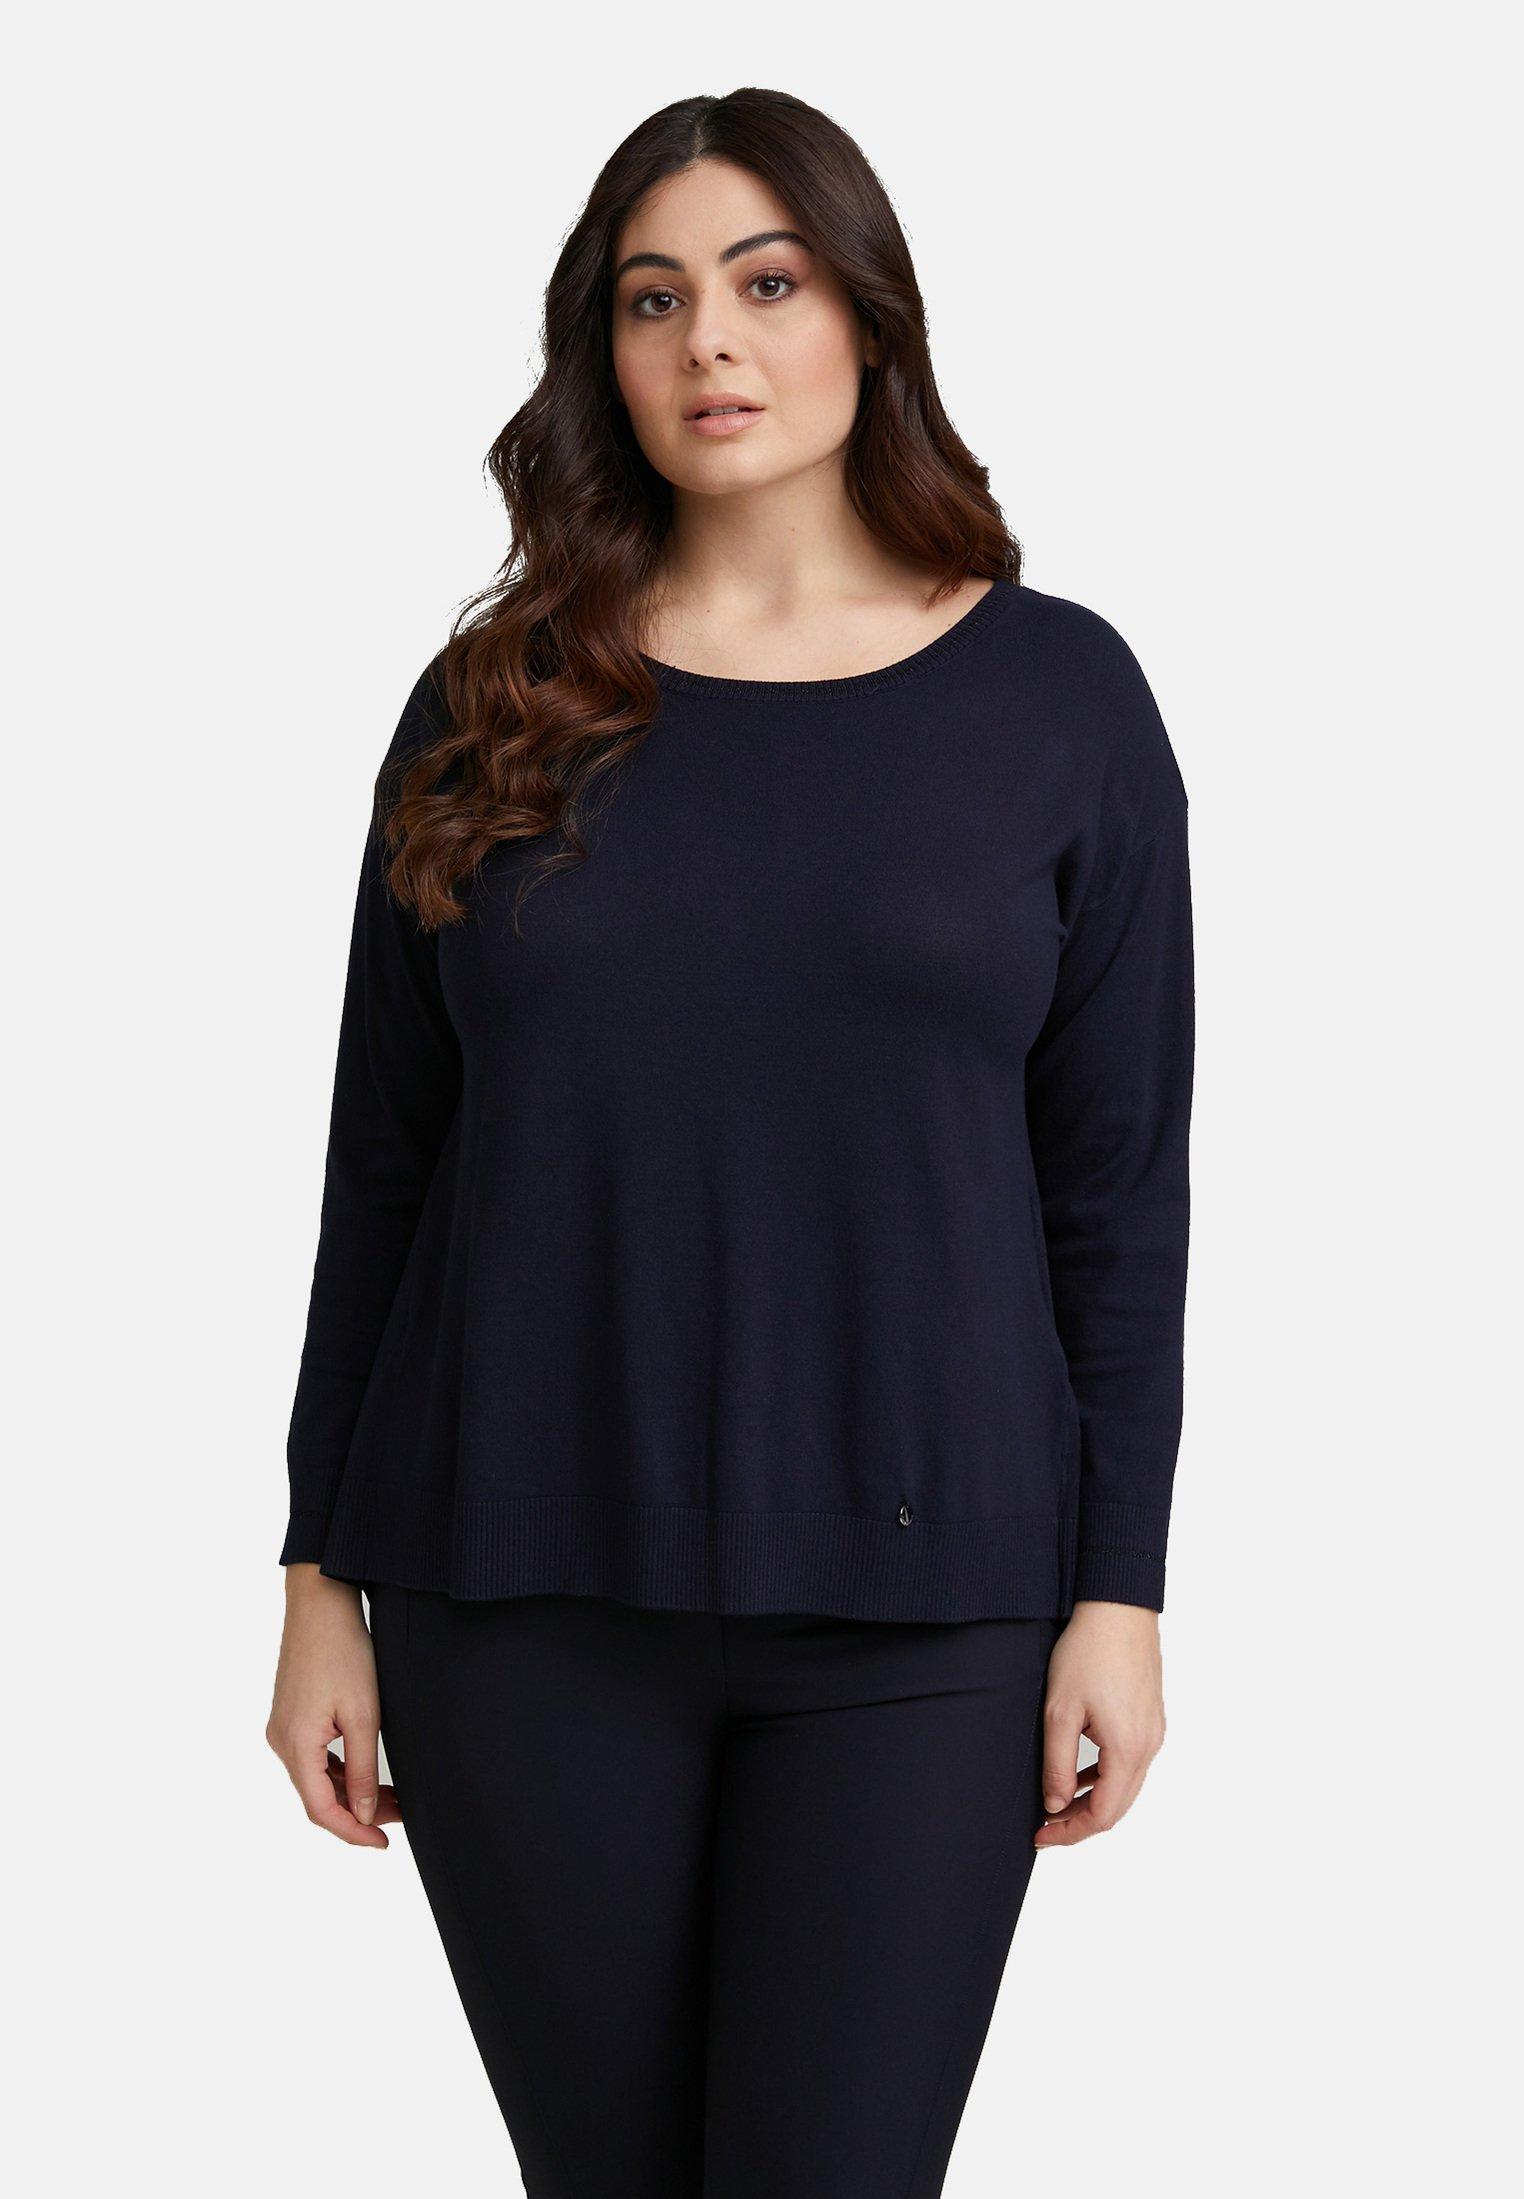 Damen MIT GEPUNKTETEM EINSATZ IM RÜCKENTEIL - Sweatshirt